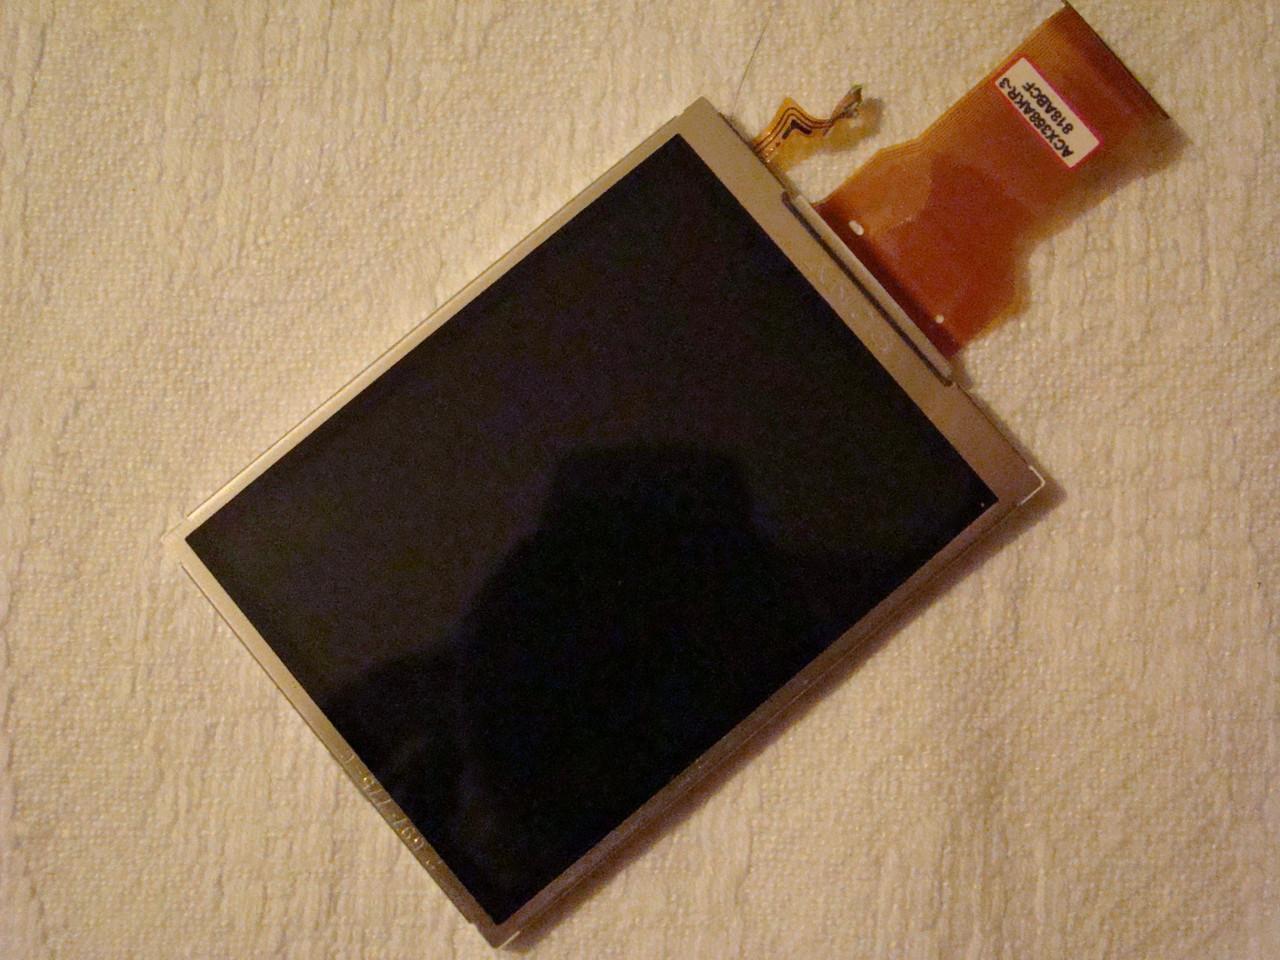 Sony W110 W115 W120 W130 W55 H3- дисплей